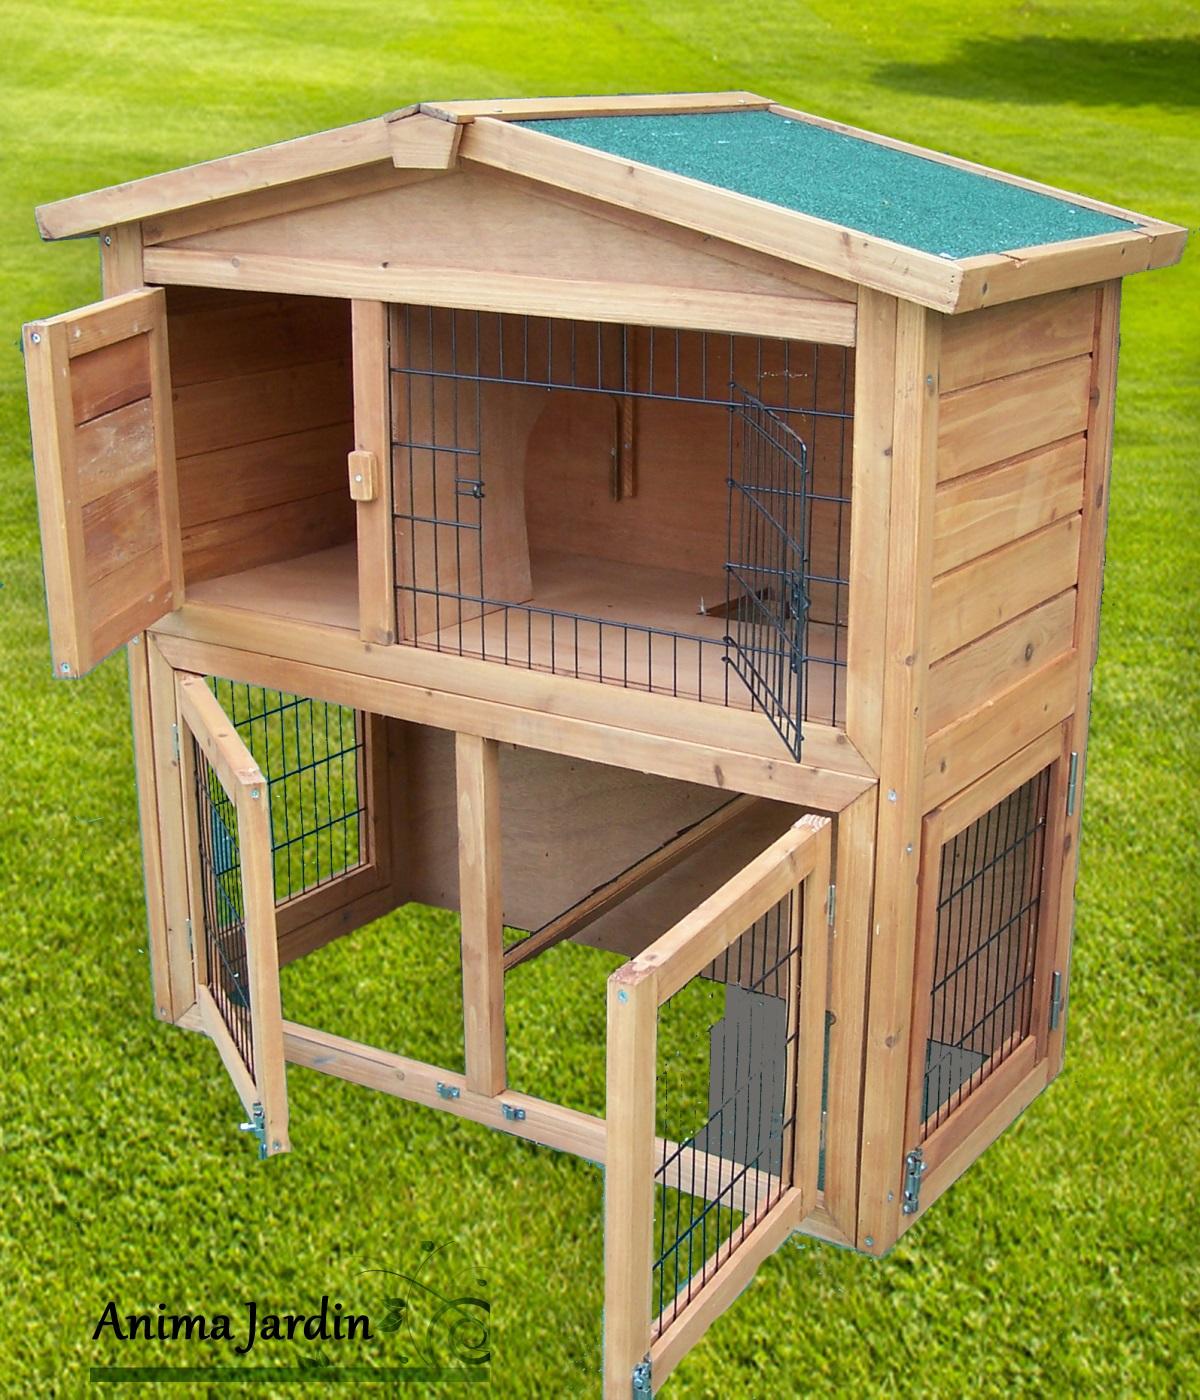 cage rongeur pas cher cage rongeur pas cher u with cage rongeur pas cher manomano with cage. Black Bedroom Furniture Sets. Home Design Ideas